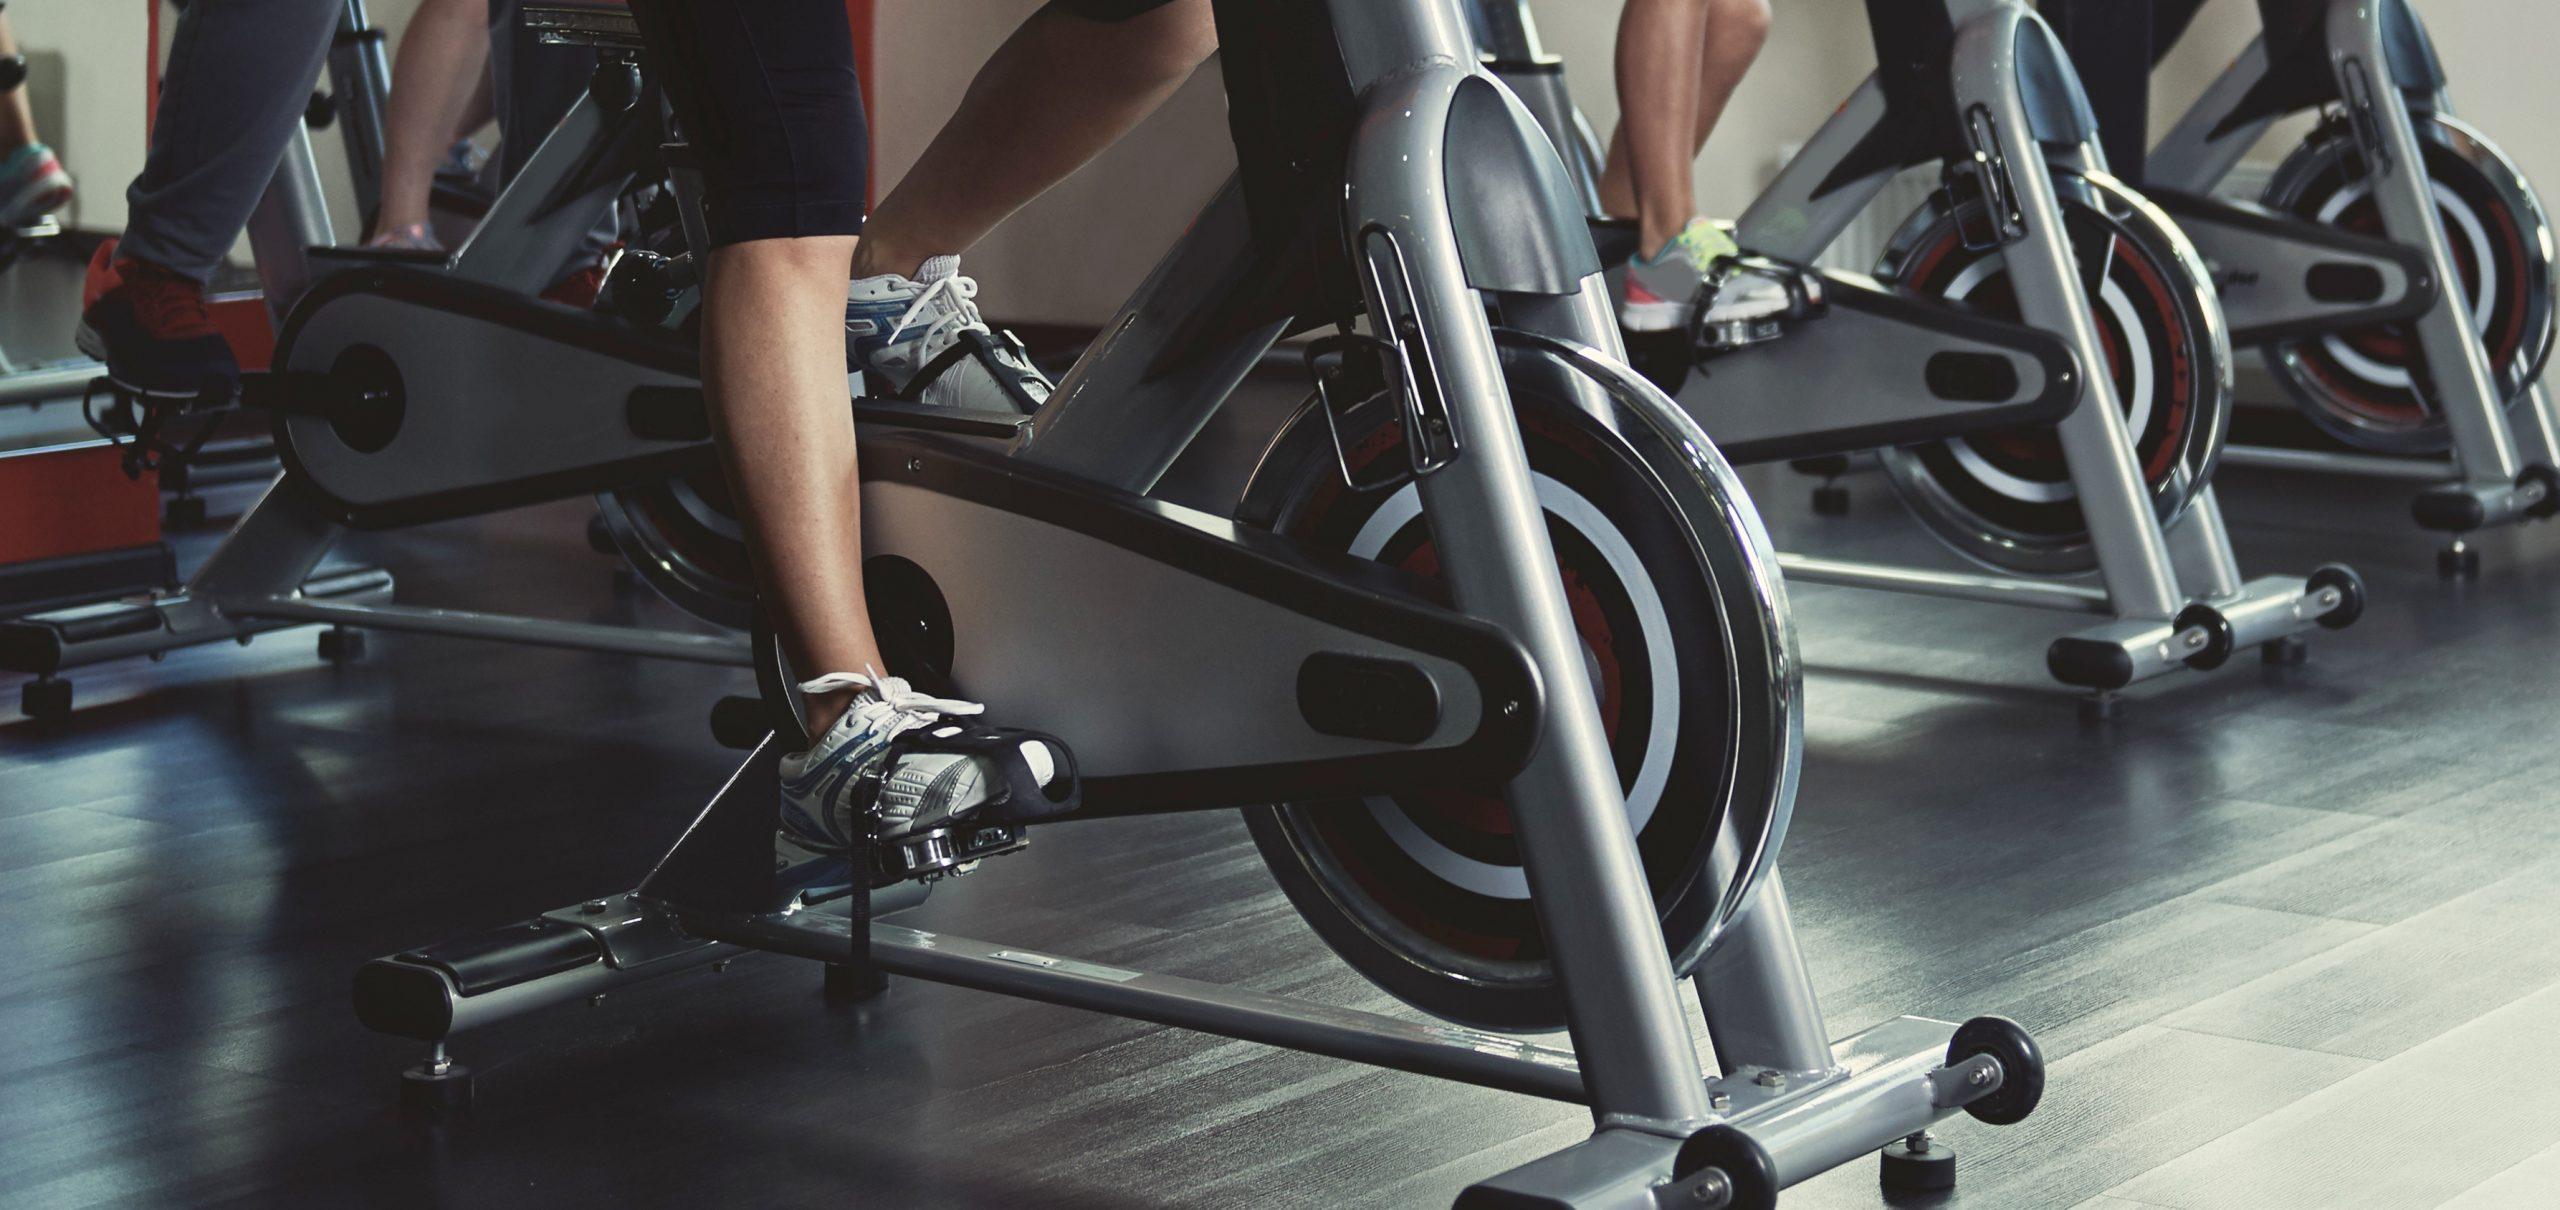 Bicicleta spinning: Qual é a melhor de 2020?